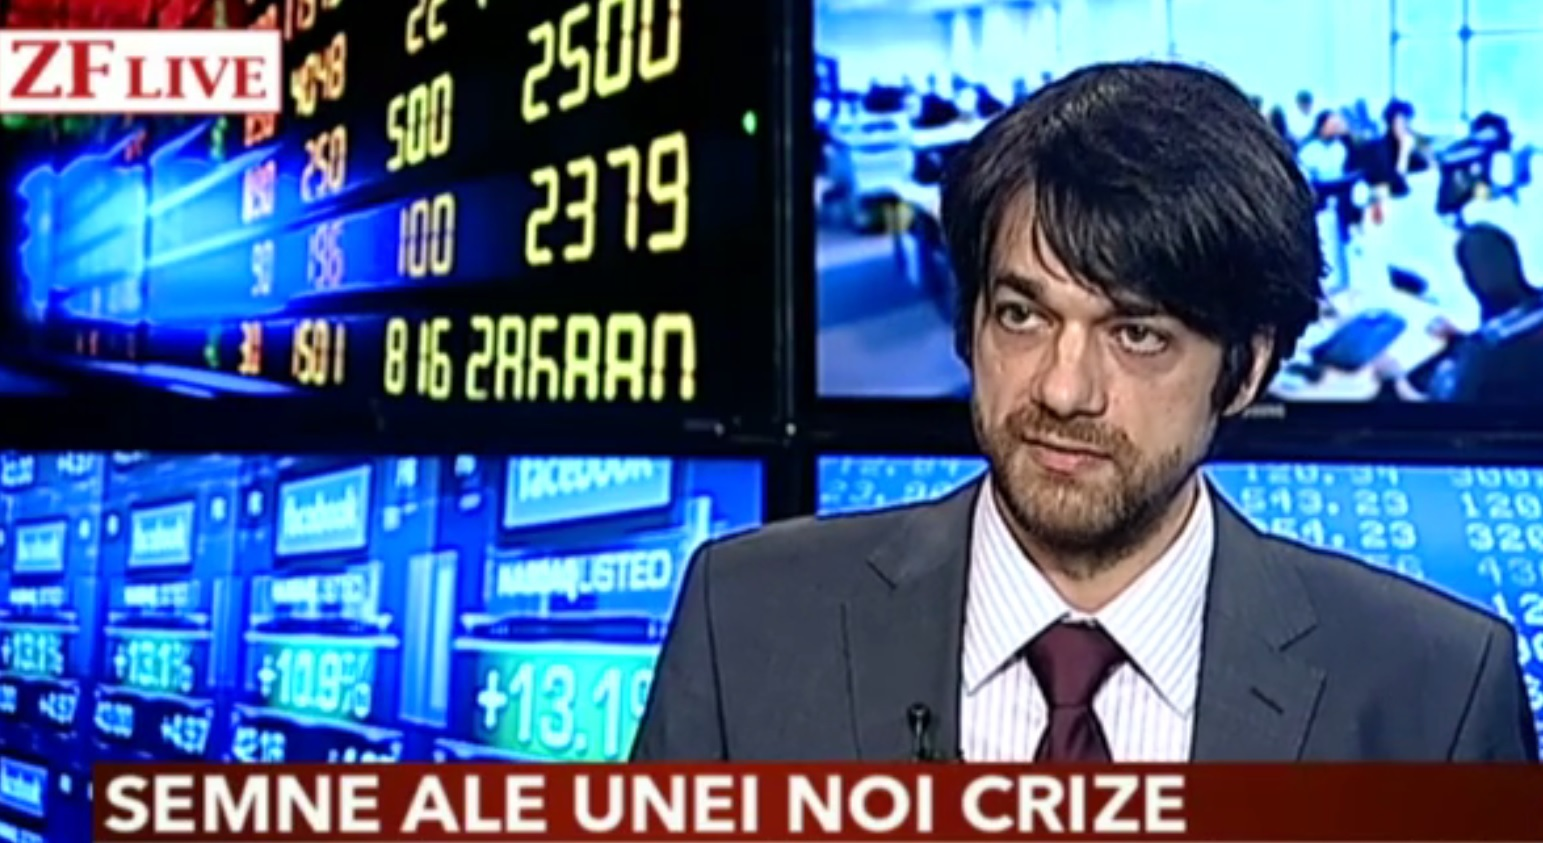 """Dobânzile negative au ajuns în România! """"Am vrut să fac un depozit în euro, dar am primit ofertă de dobândă cu minus. Contrazice tot ce am învăţat la Facultatea de Finanţe"""", spune managerul unui fond de investiţii"""